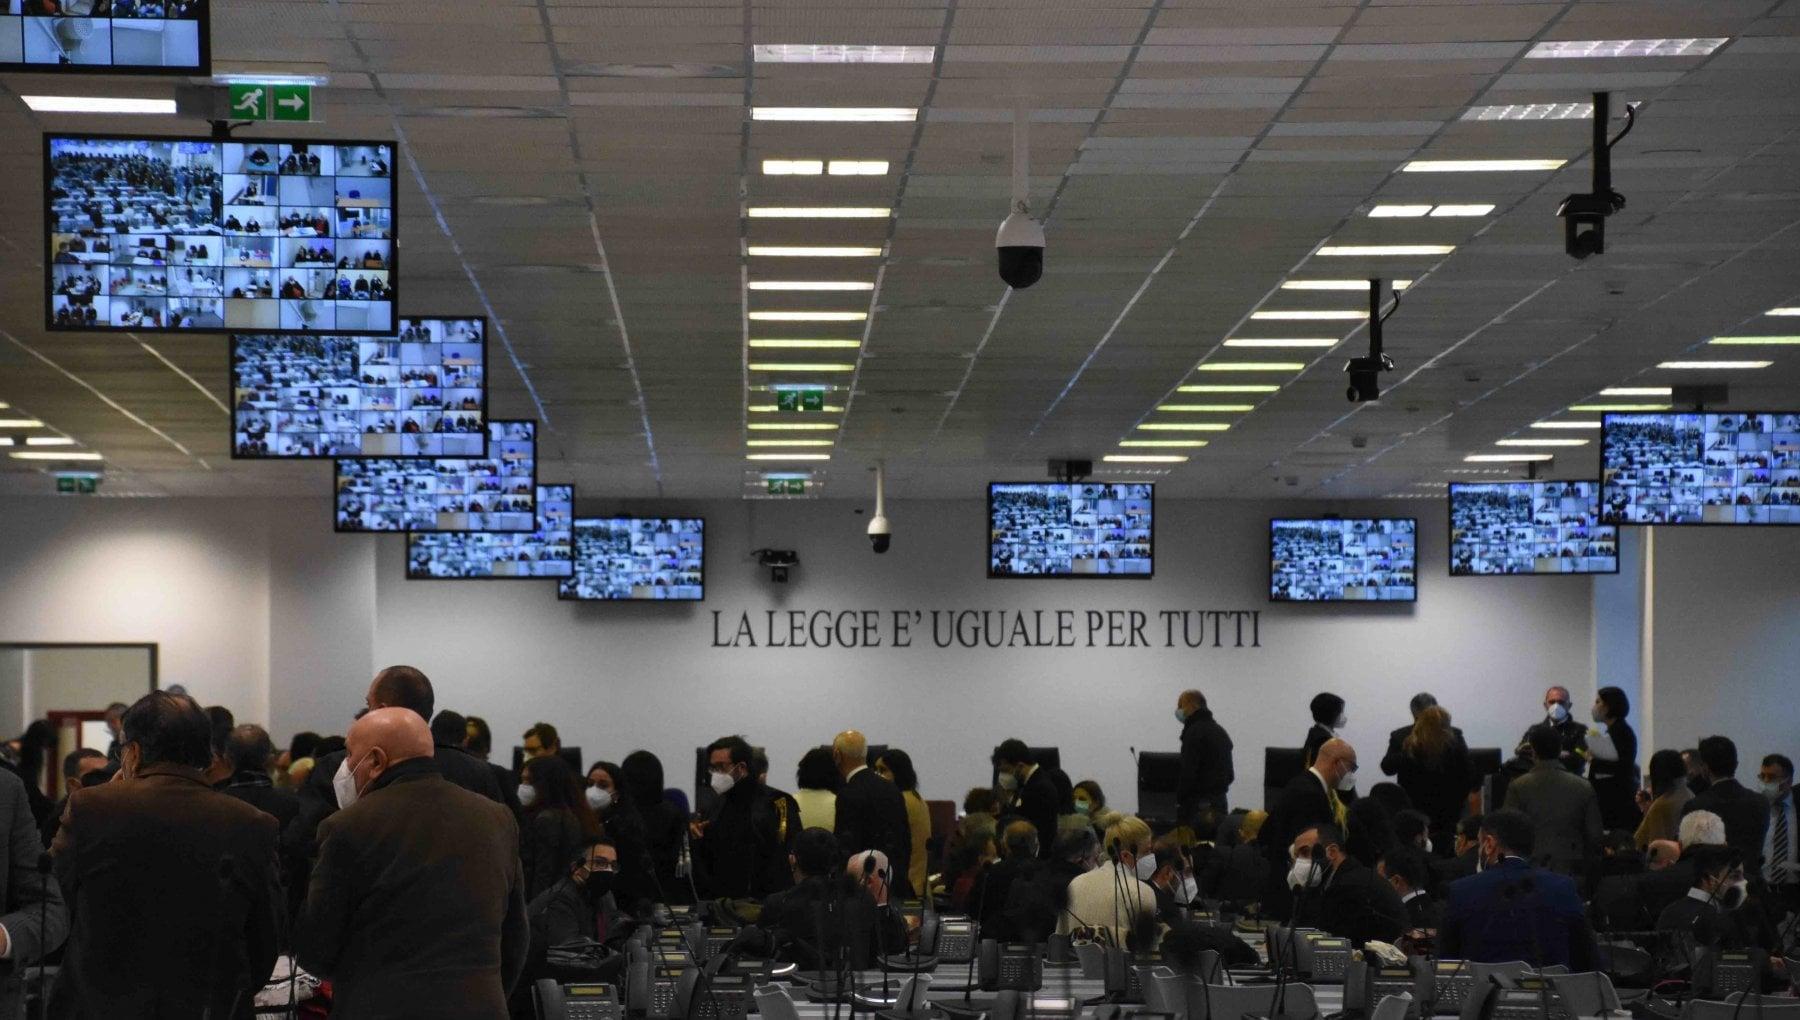 Ndrangheta nellaula bunker di Lamezia Terme comincia il maxi processo Rinascita Scott